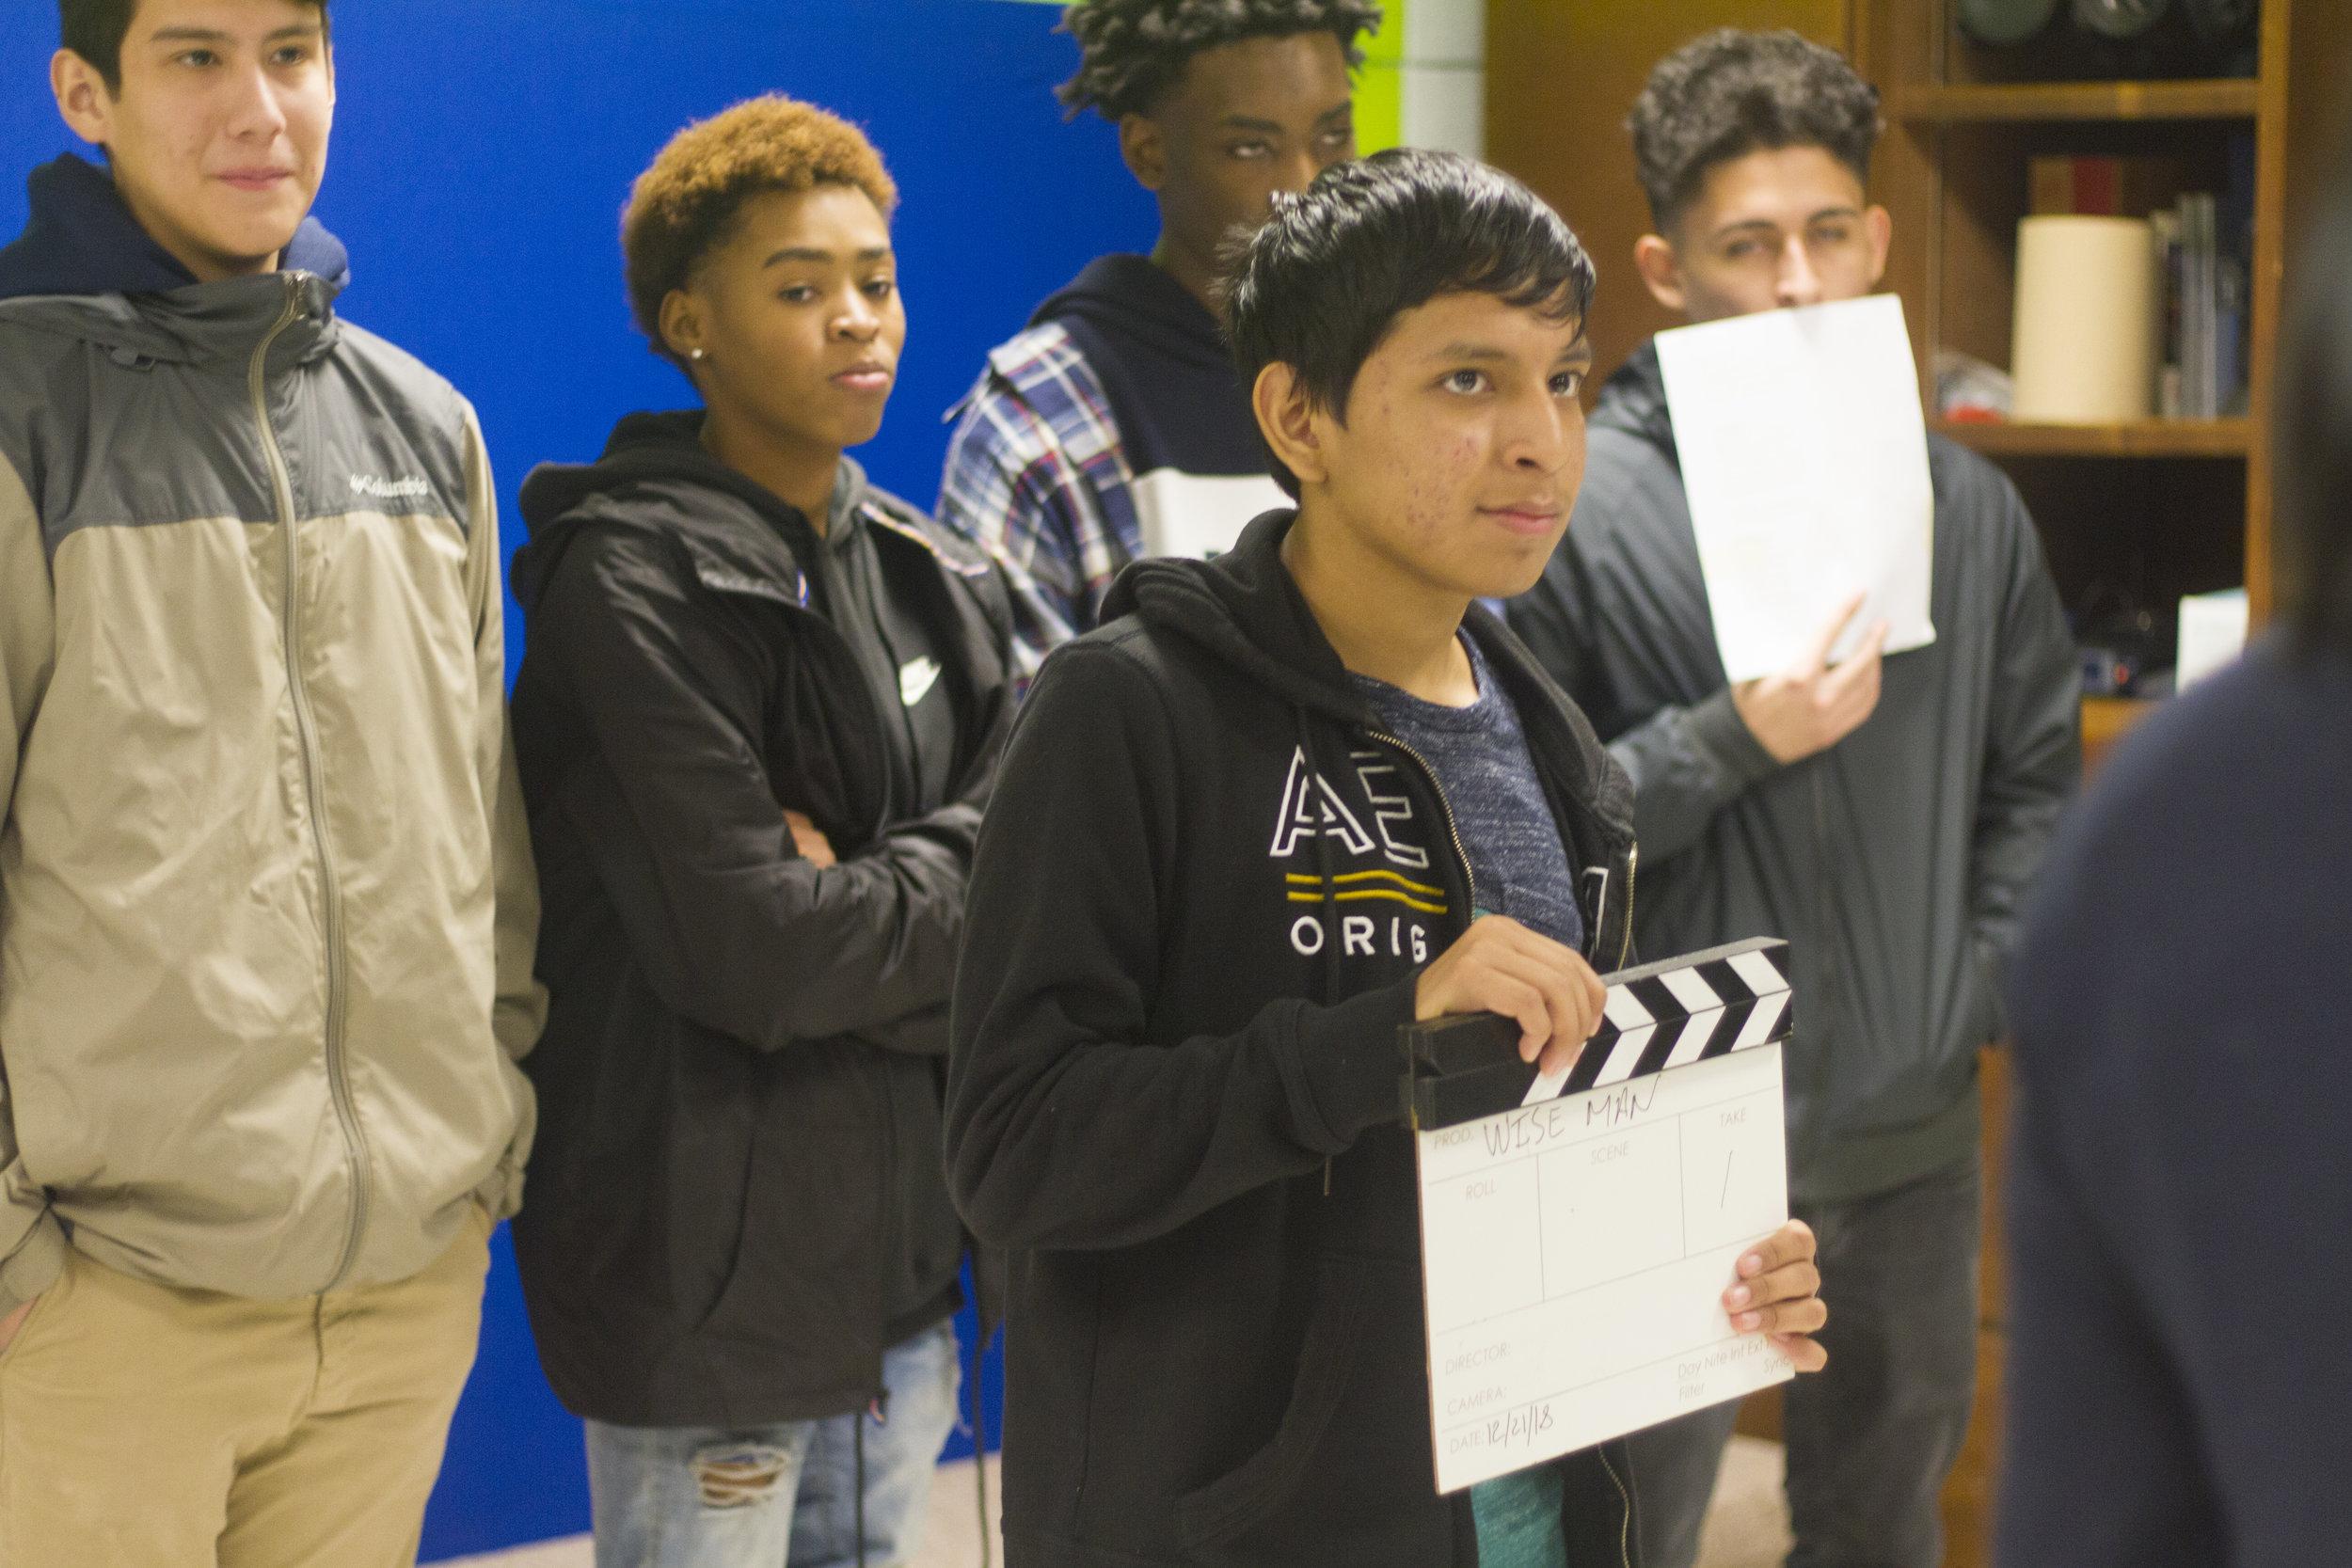 Peekskill High School students on set of music video, 2019